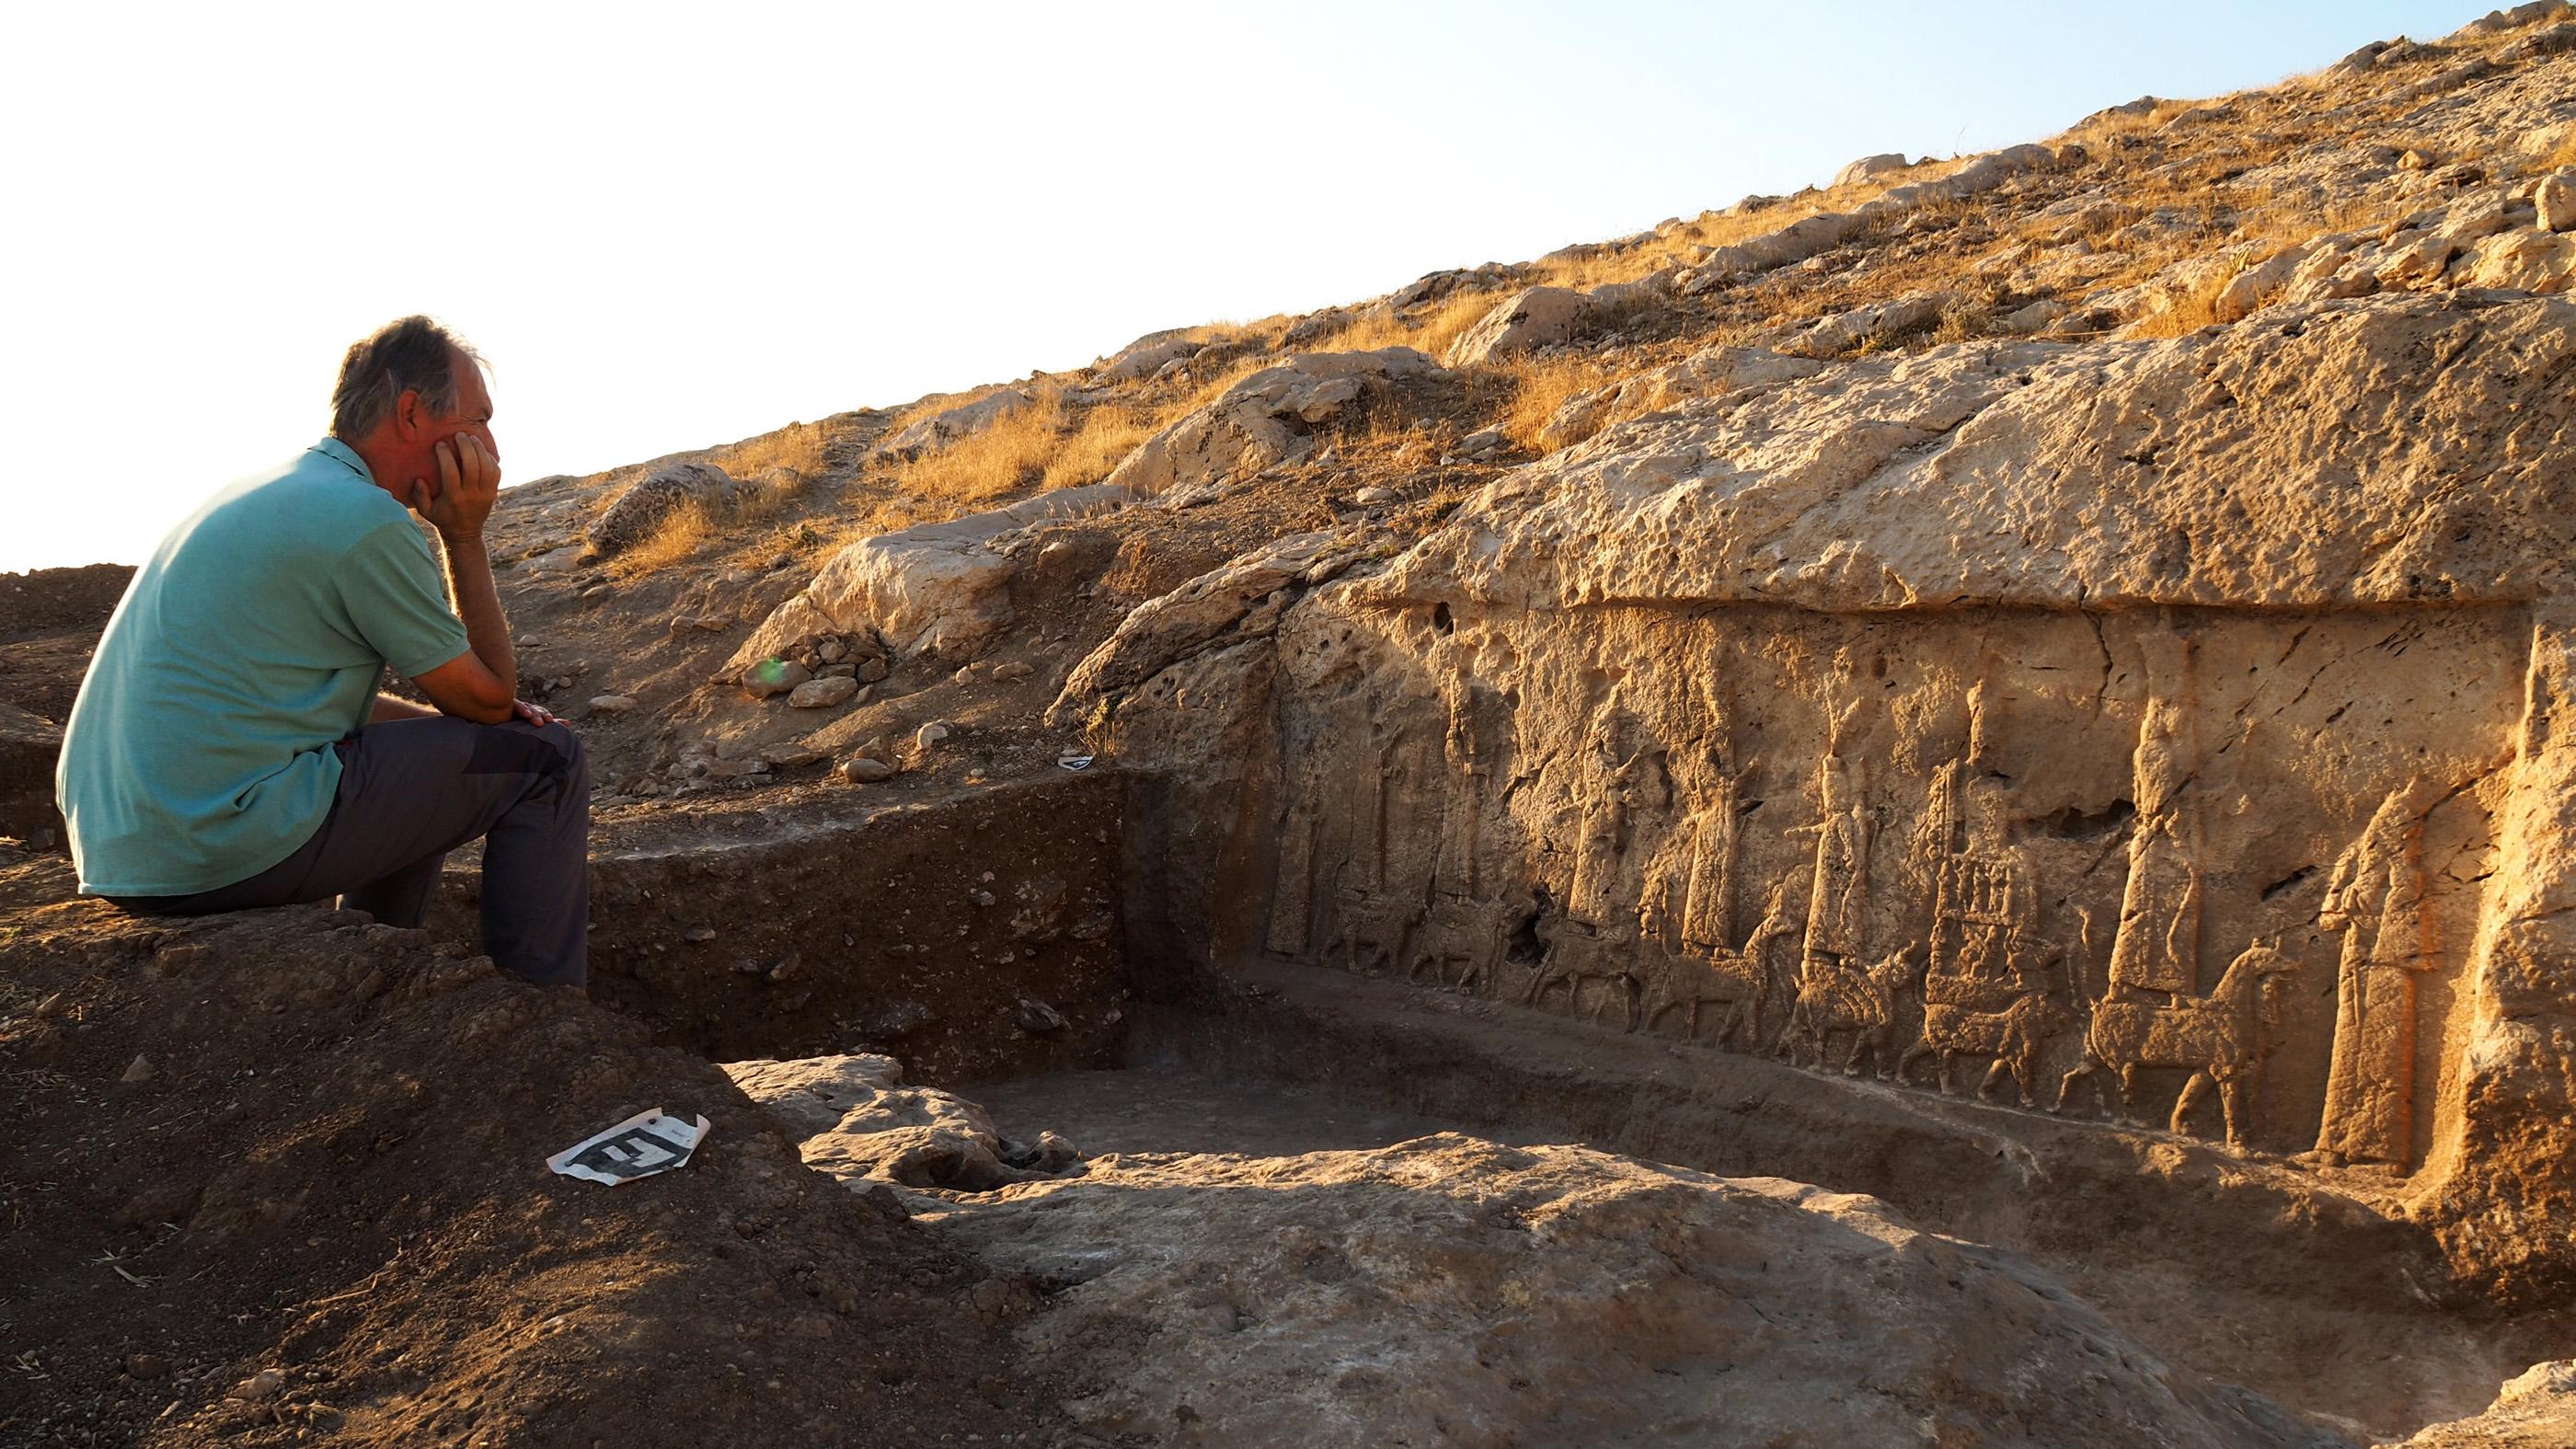 Le chef des fouilles, l'archéologue Daniele Morandi Bonacossi, et l'un des panneaux de sculptures assyriennes mis au jour dans la région du nord du Kurdistan irakien.